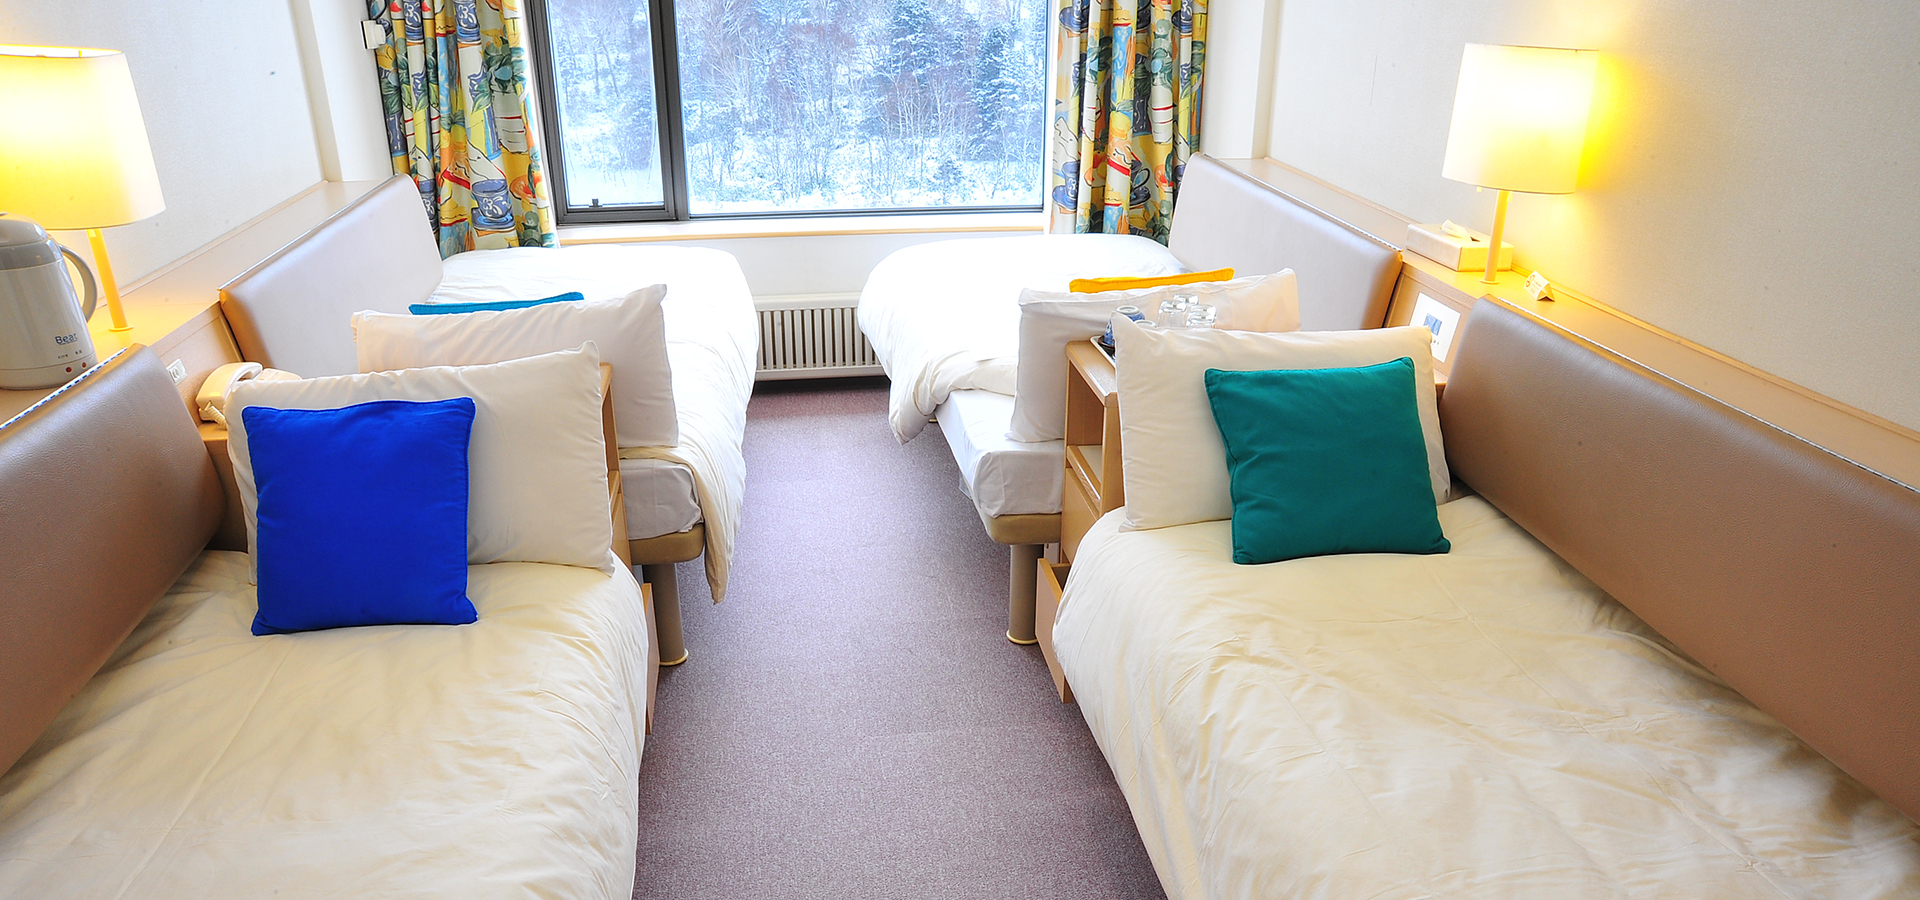 Quad Room – WEST bldg.